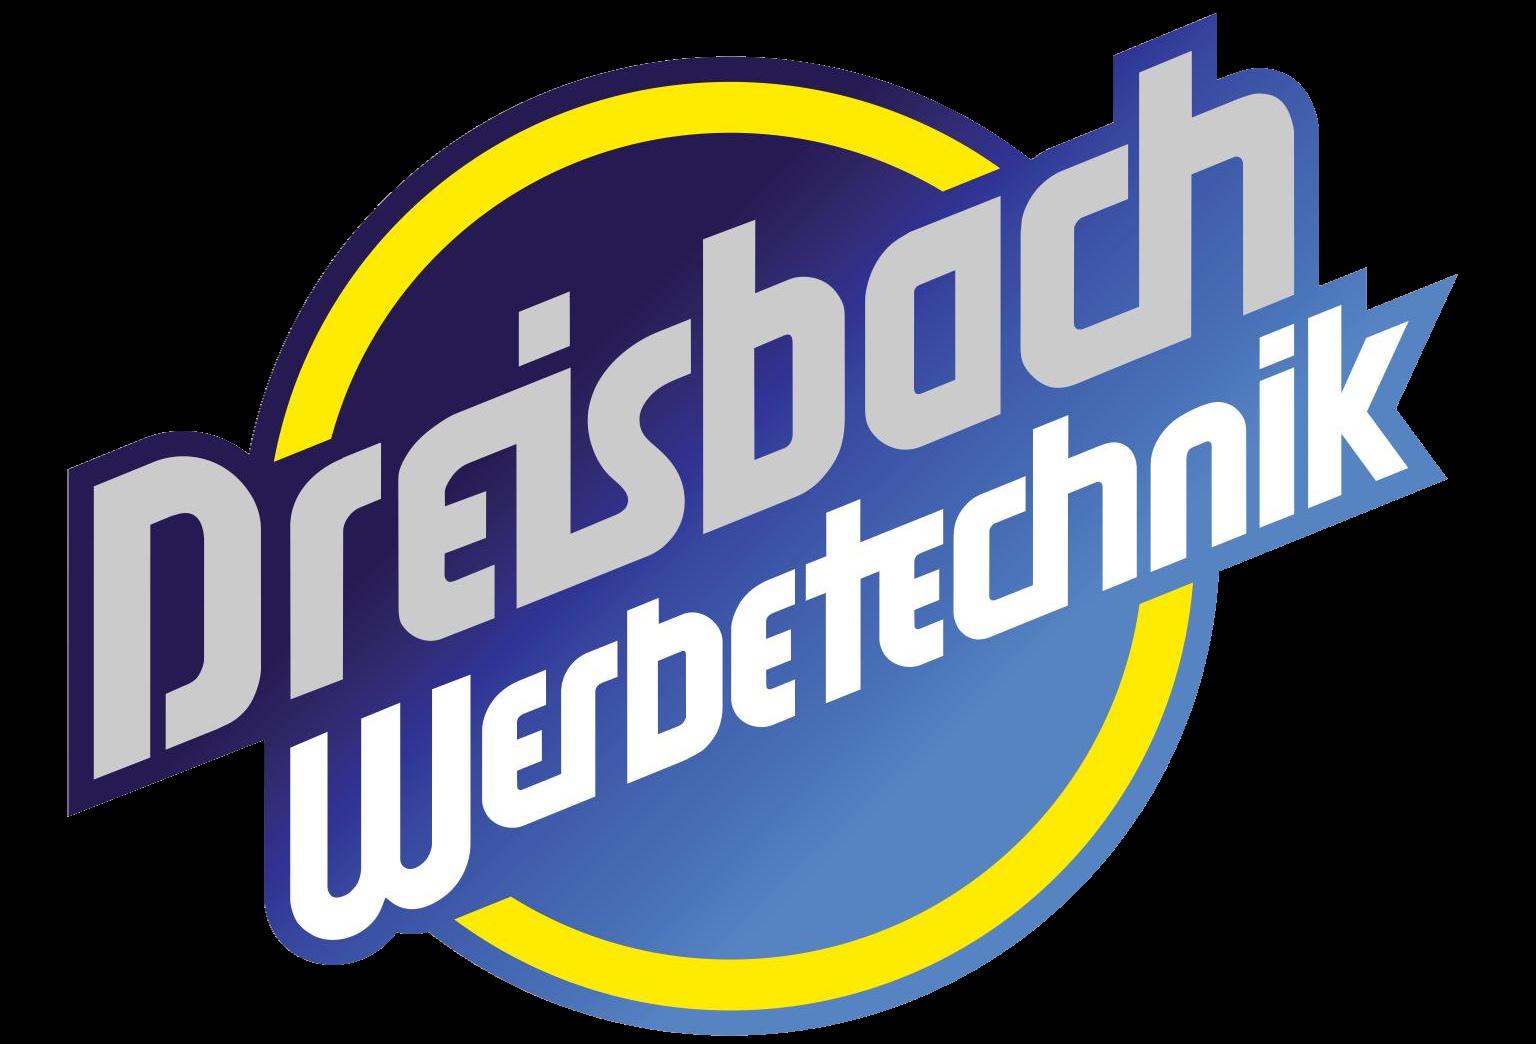 Dreisbach Werbetechnik GmbH